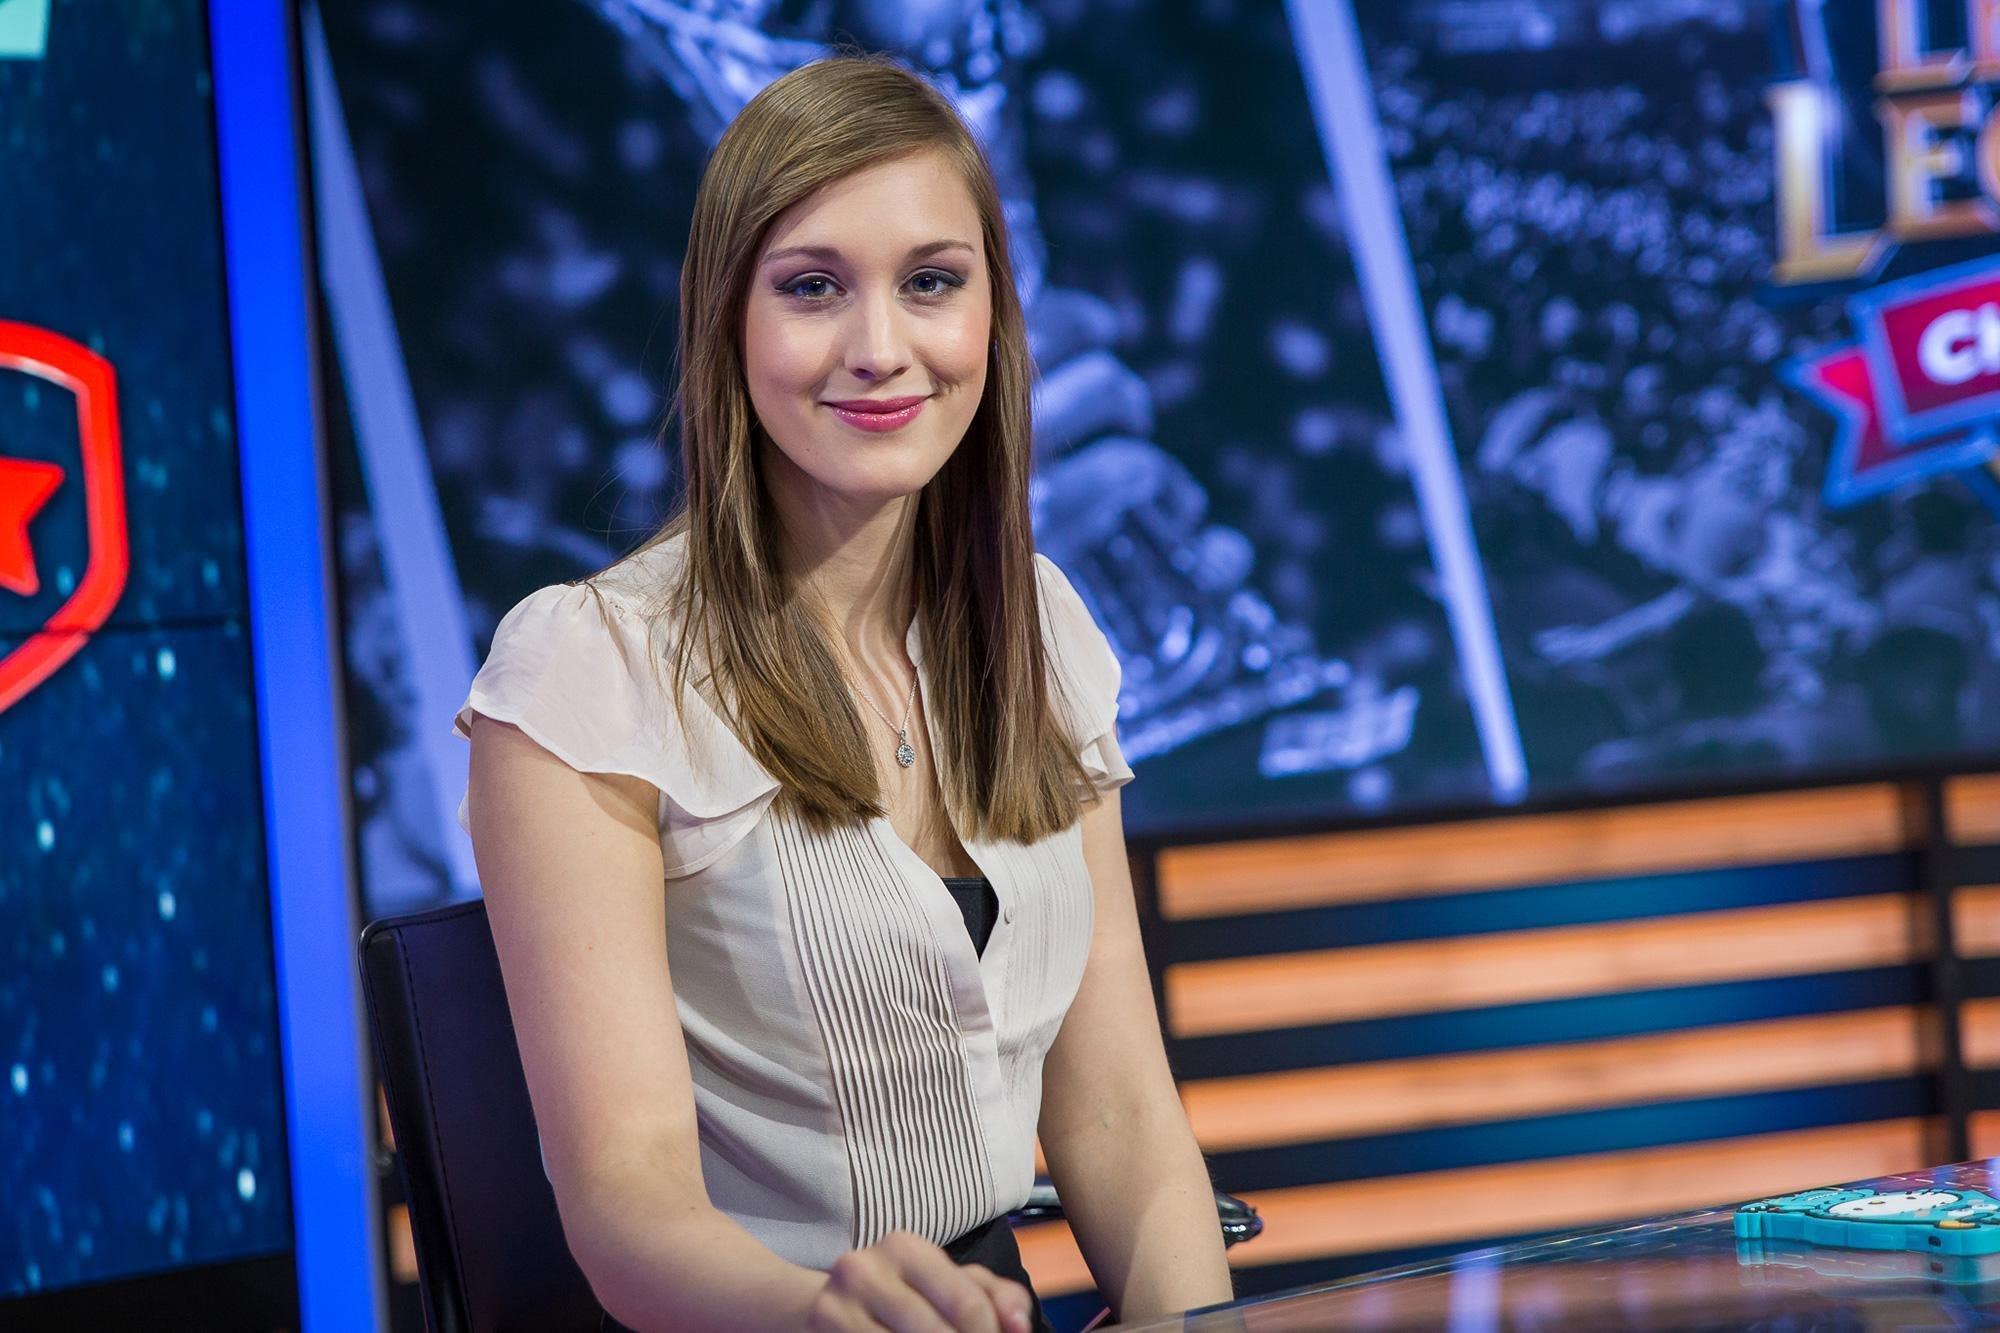 League of Legends-Host Eefje Sjokz Depoortere im Inte